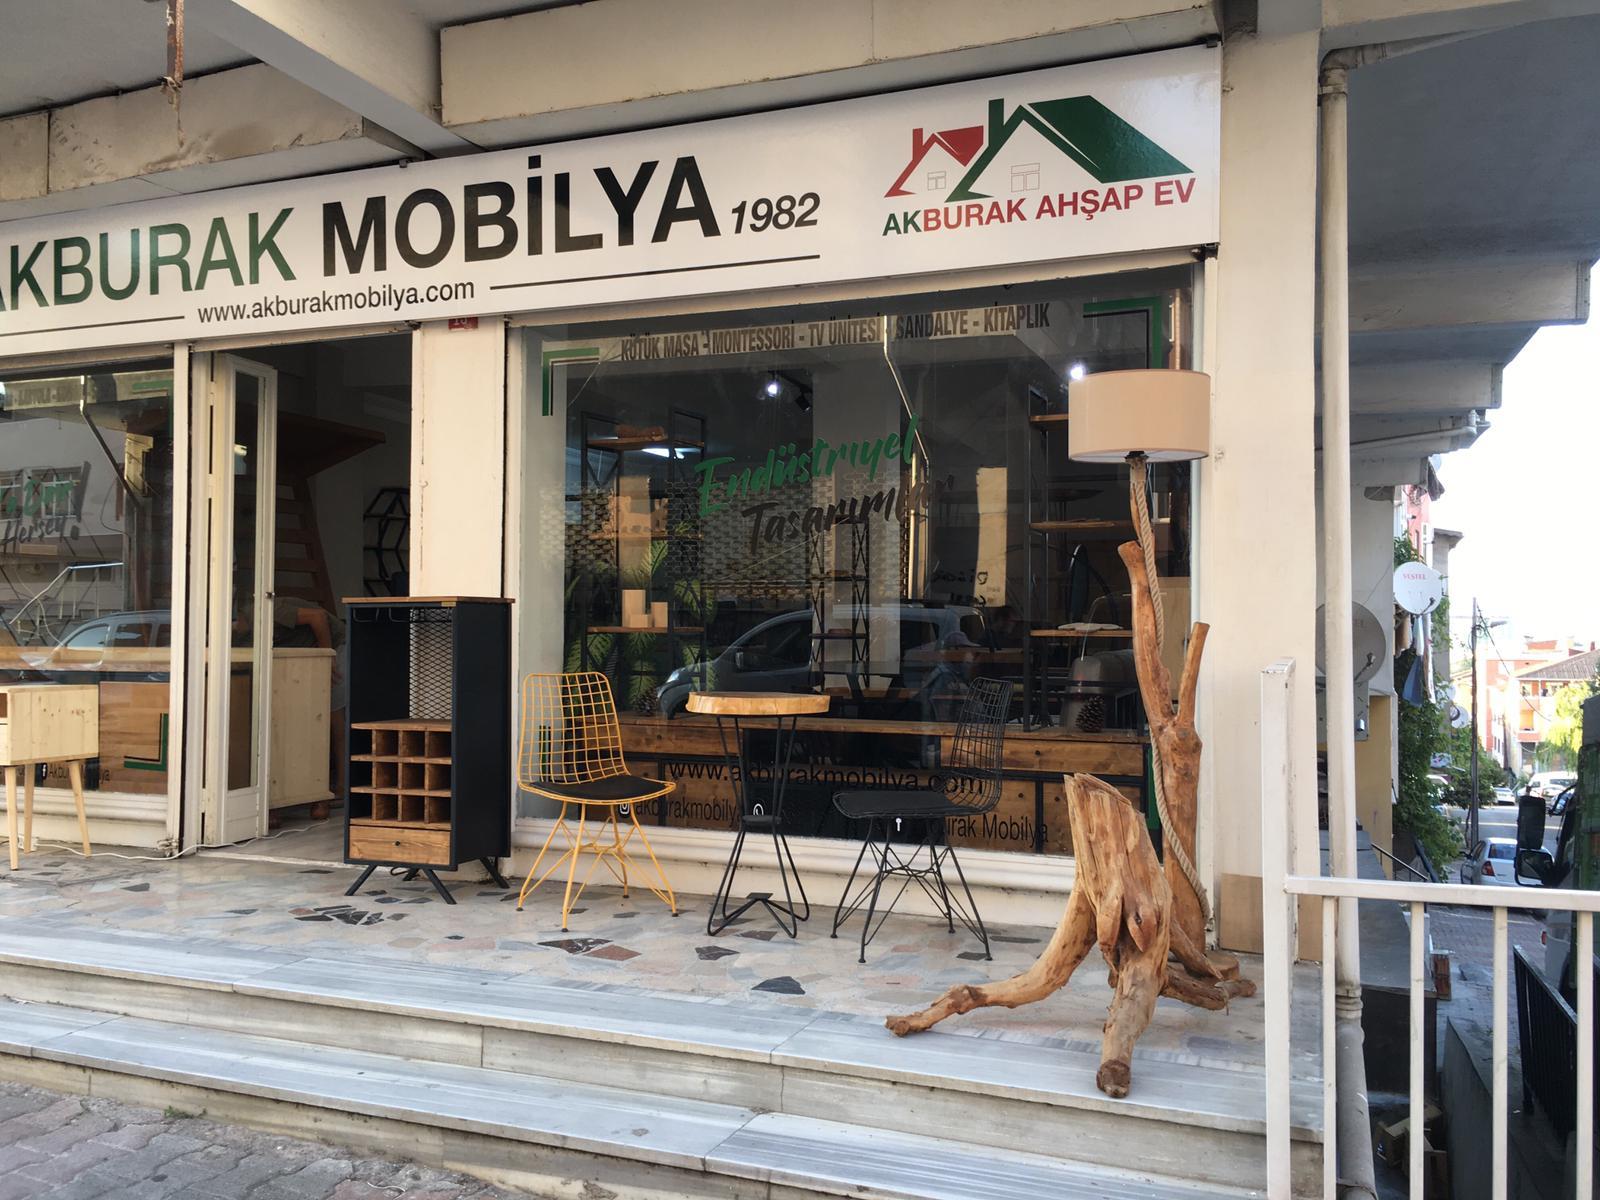 Atölyemiz | Mağazamız